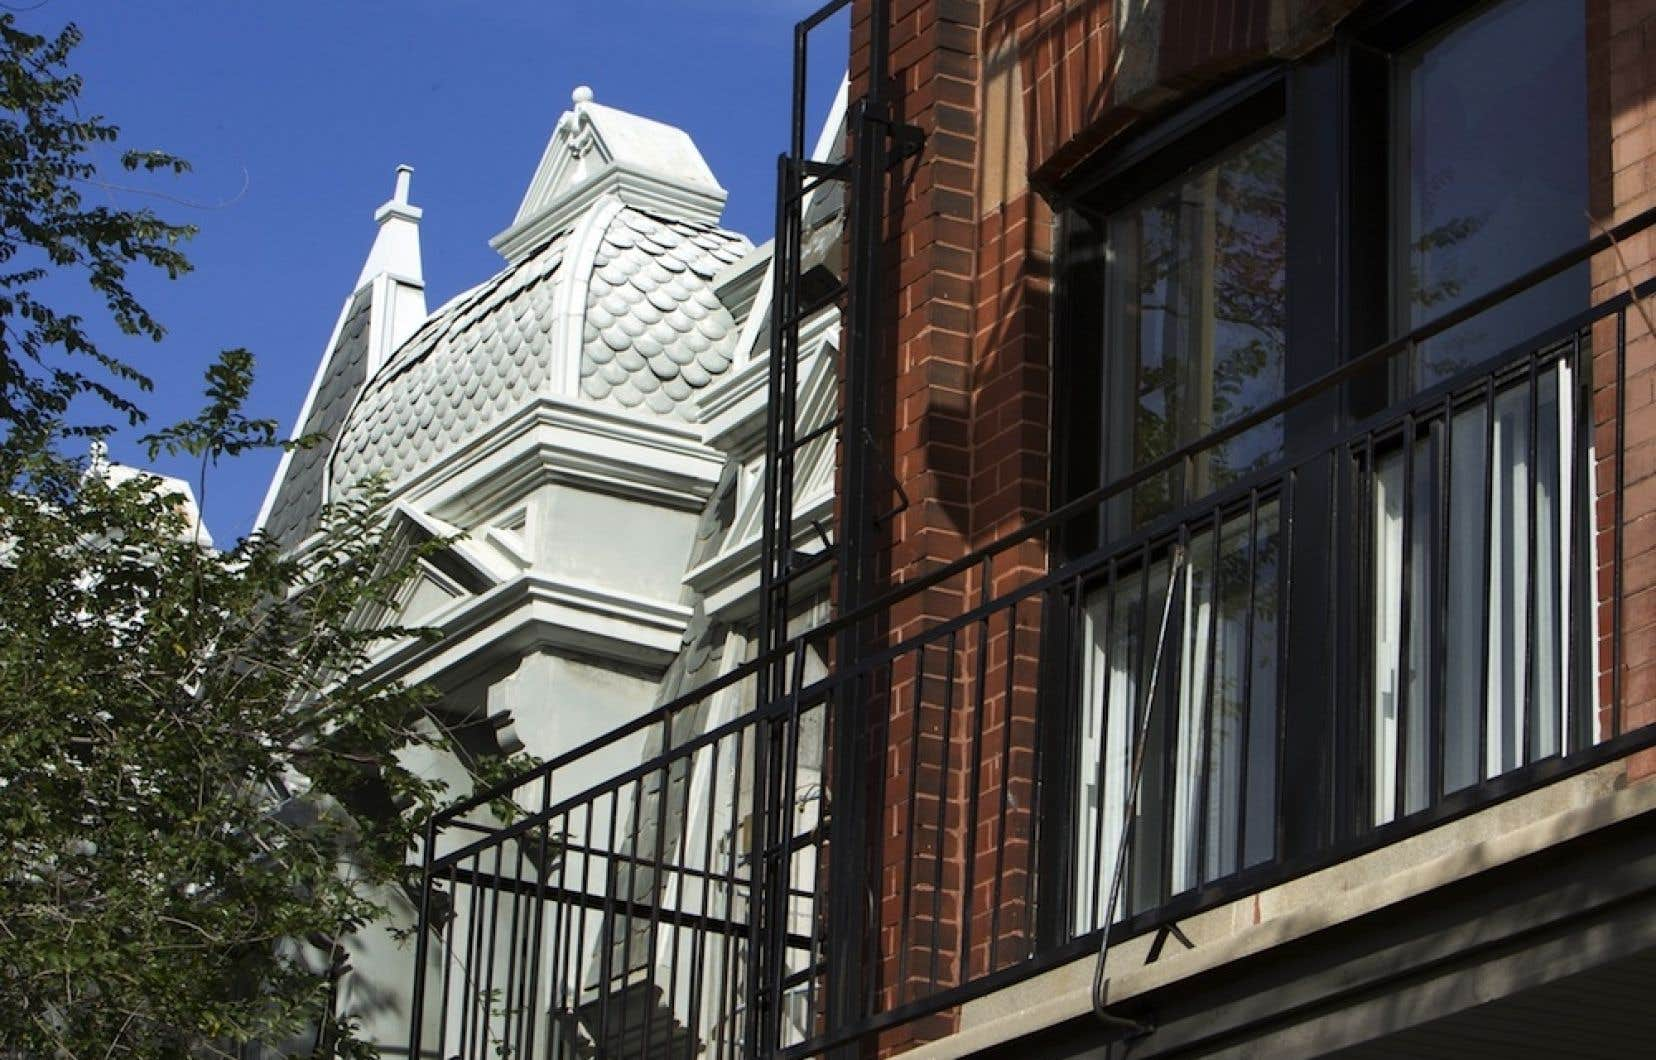 Les différentes associations de propriétaires n'ont pas tardé à critiquer ces taux hypothétiques d'augmentation des loyers, tandis que les défenseurs des droits des locataires ont encouragé ceux-ci à refuser des hausses de loyers jugées abusives.